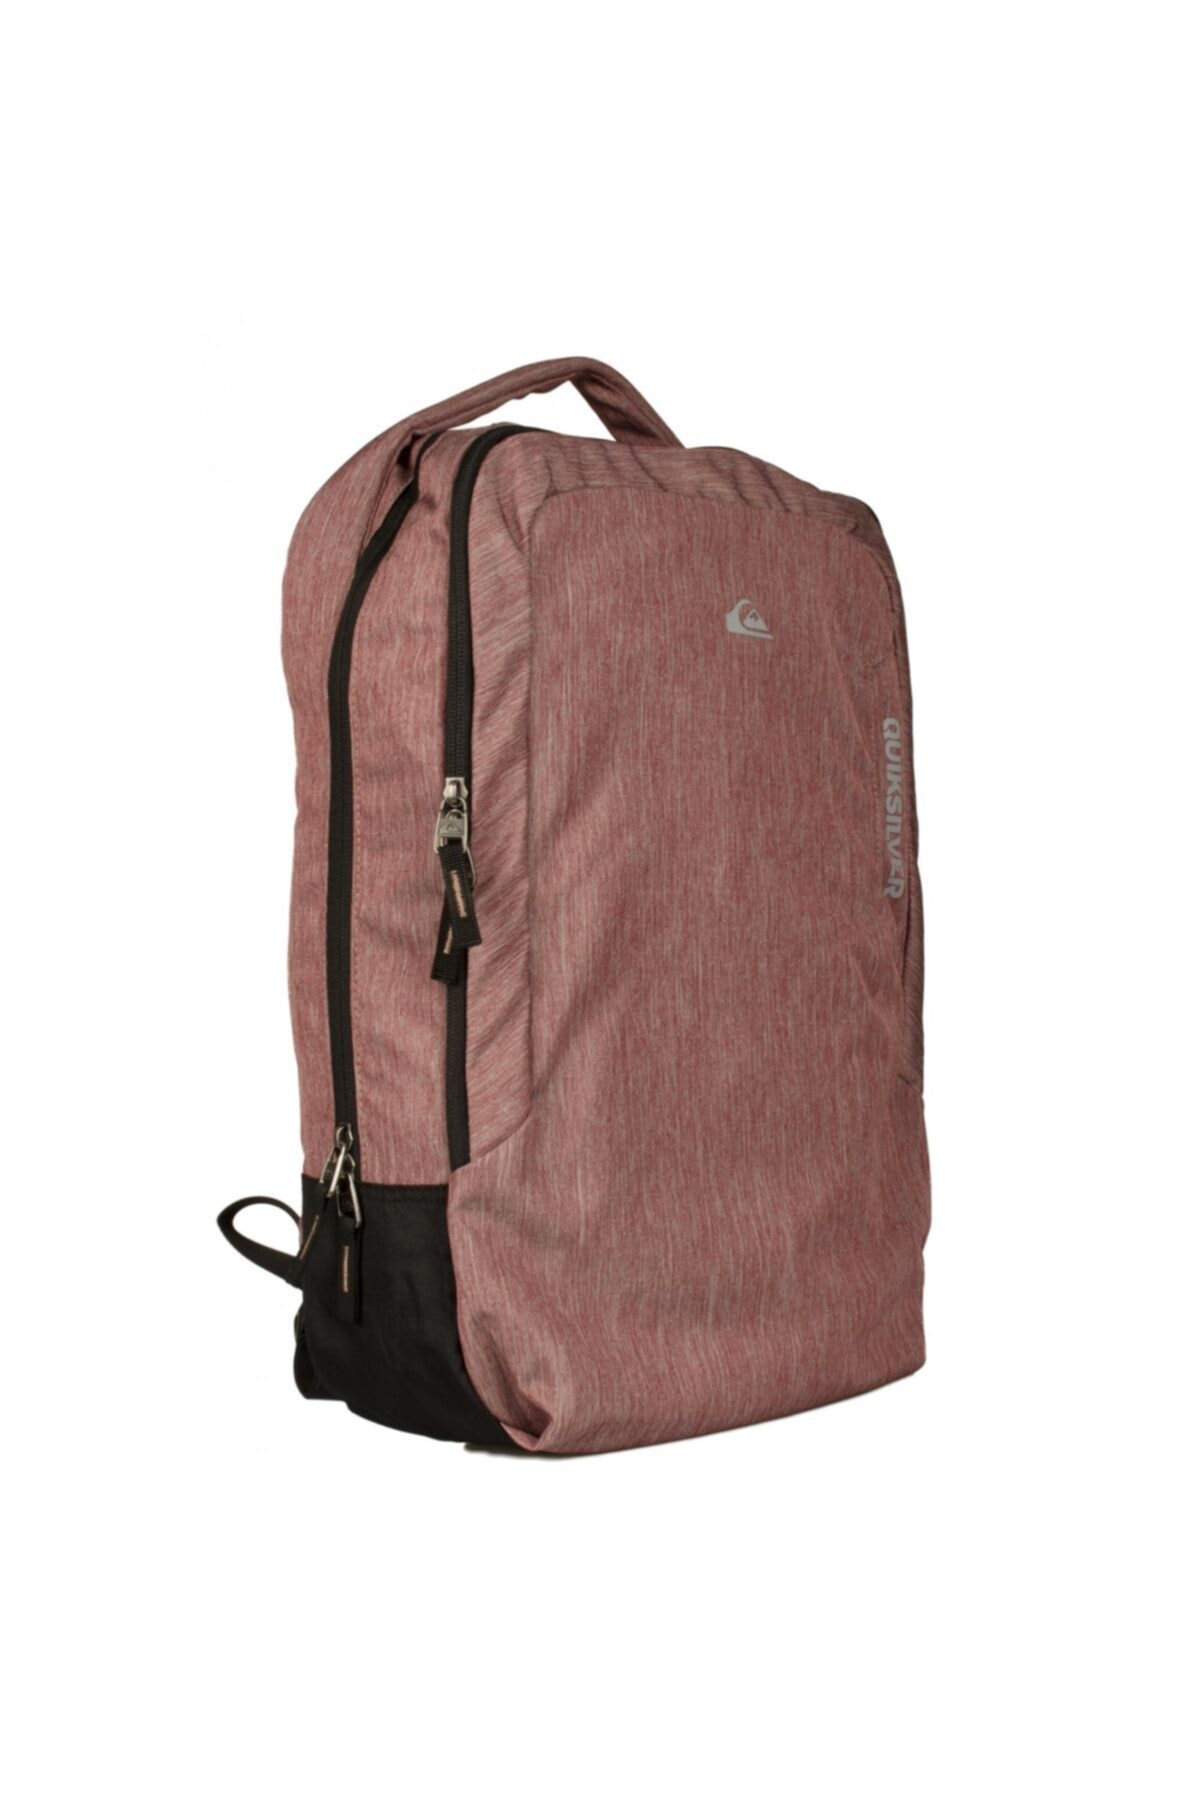 Quiksilver Unisex Kırmızı Everyday Backpack Sırt Çantası 2